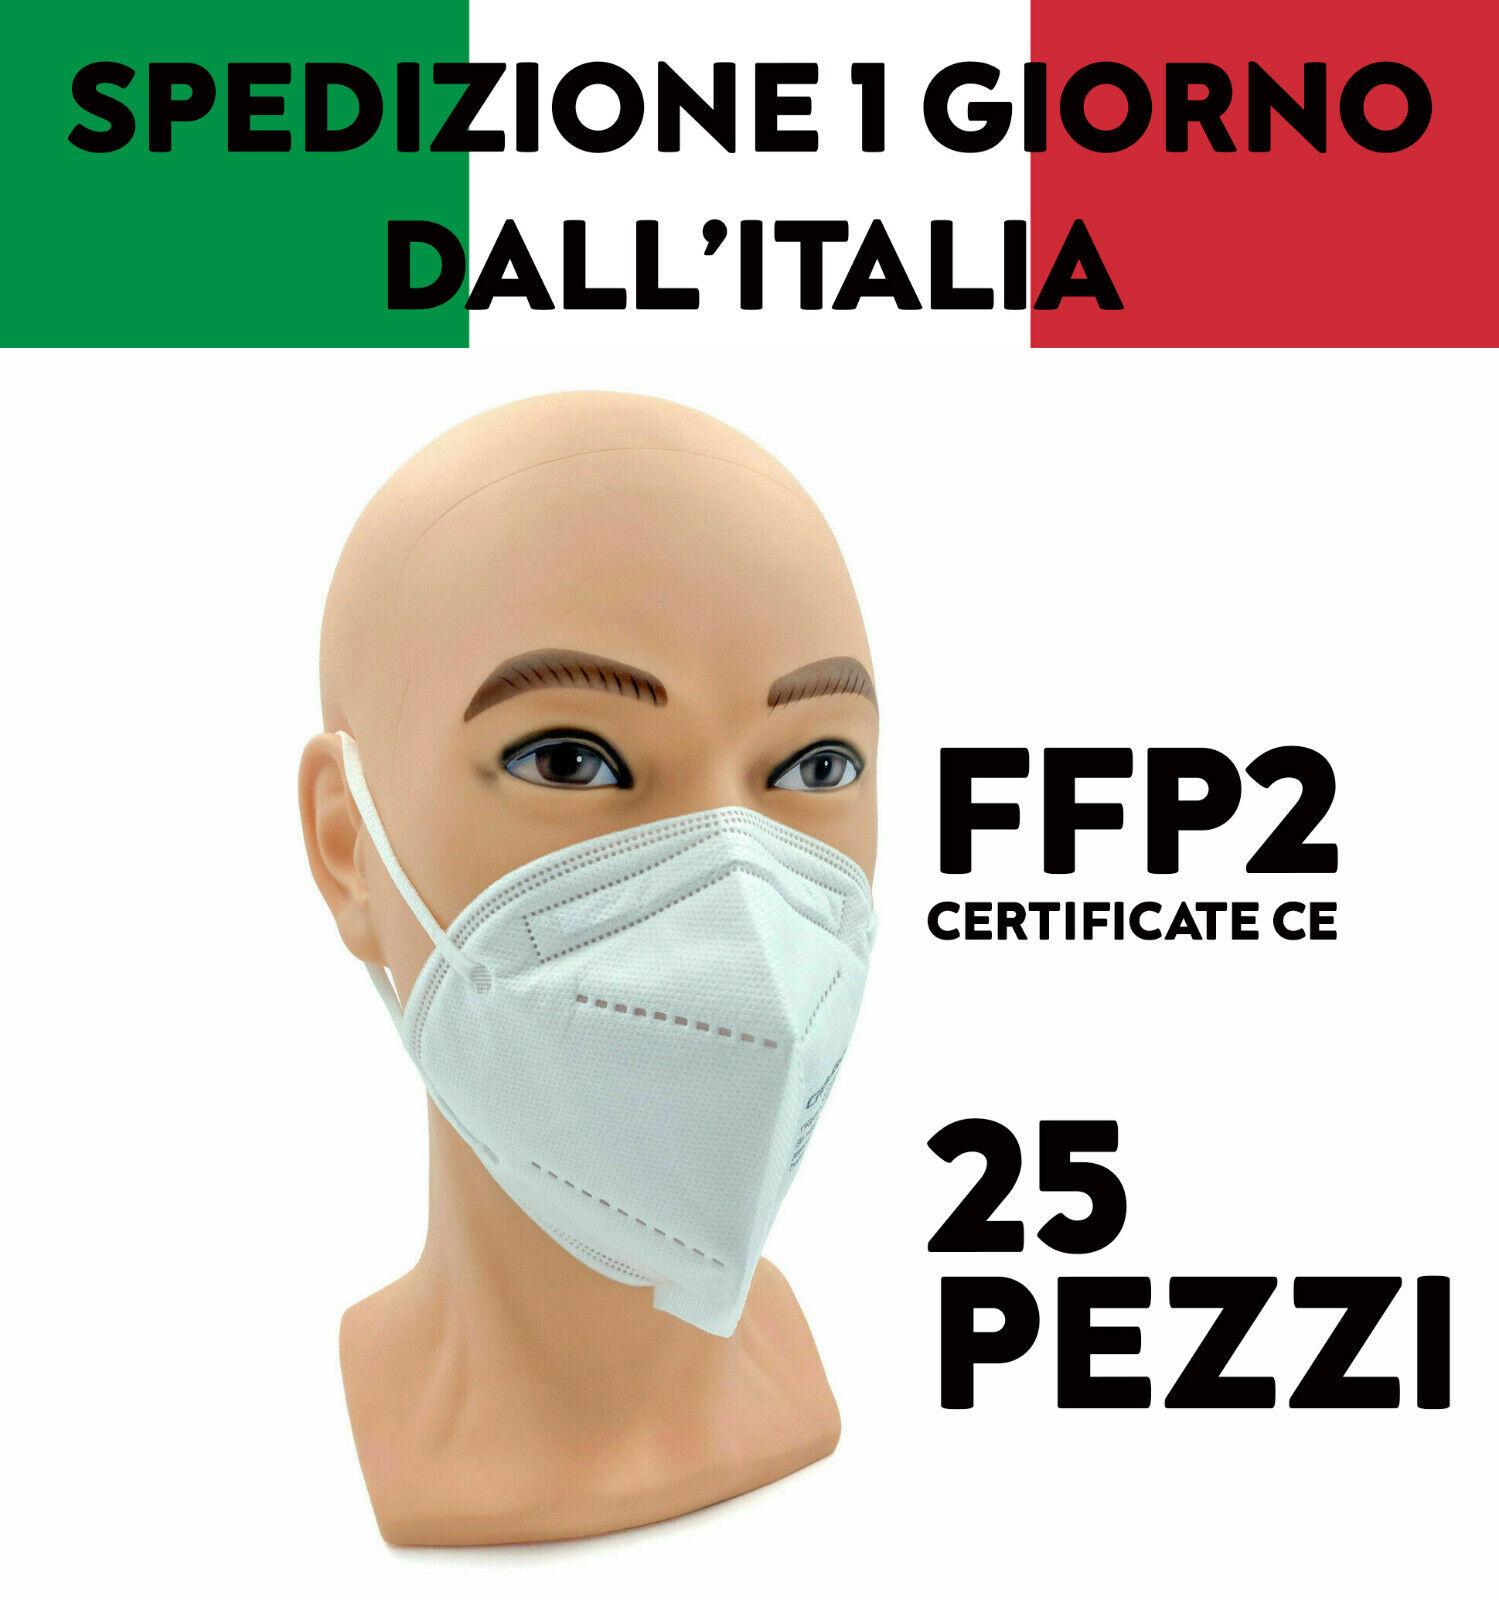 25 MASCHERINE FFP2 PROTETTIVE CERTIFICATE CE 2163 FILTRANTI MONOUSO MASCHERE